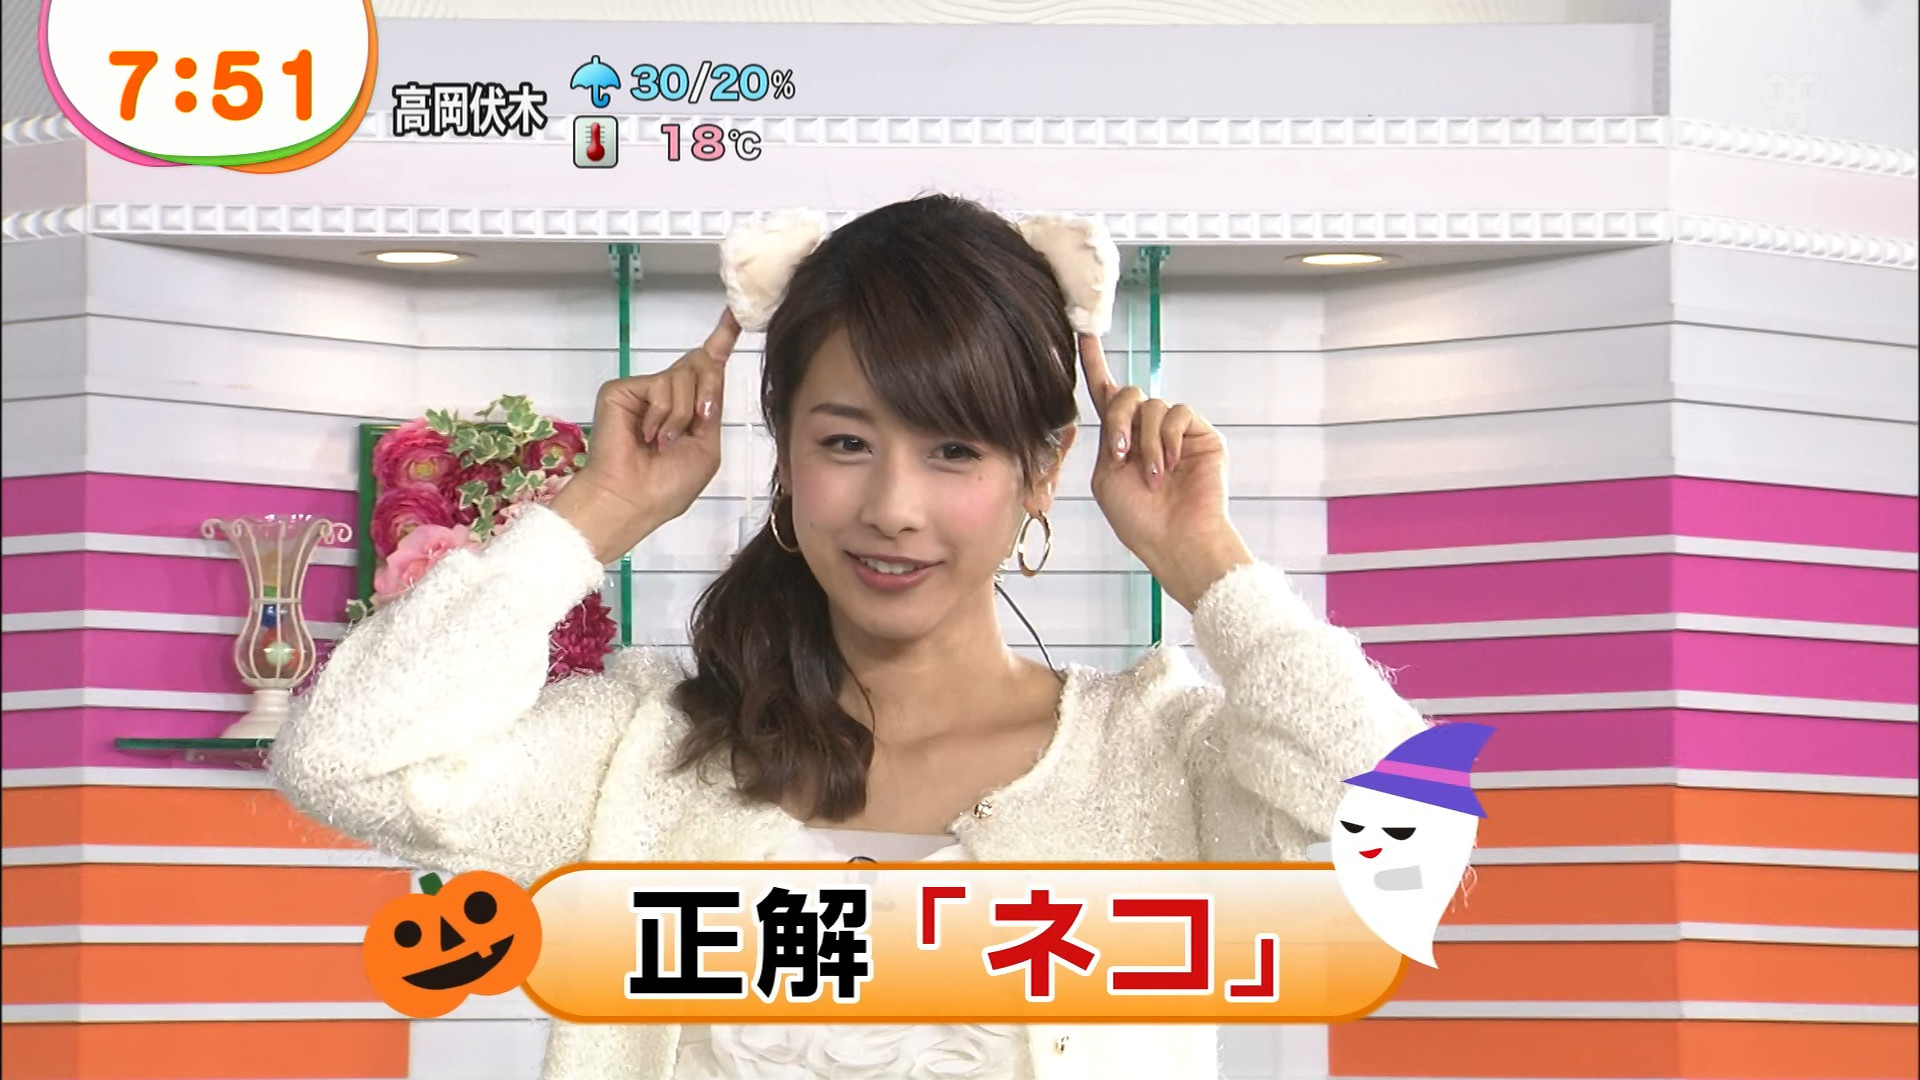 ざましテレビ」の横山由依さん ...